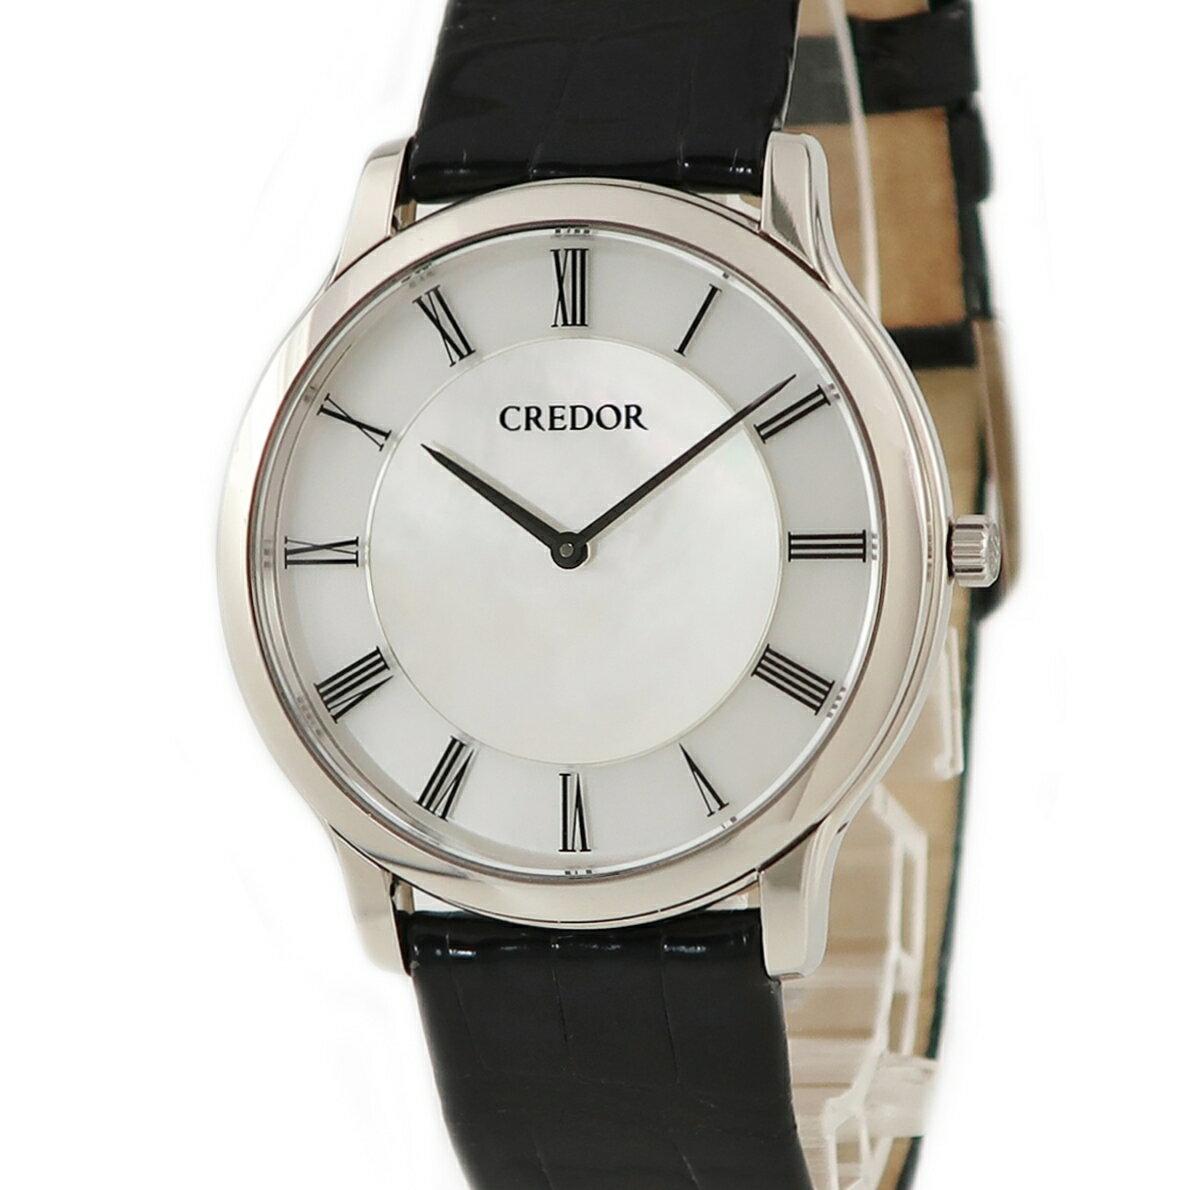 腕時計, メンズ腕時計 615!3 Credor GBAQ965 6870-00N0 K18WG